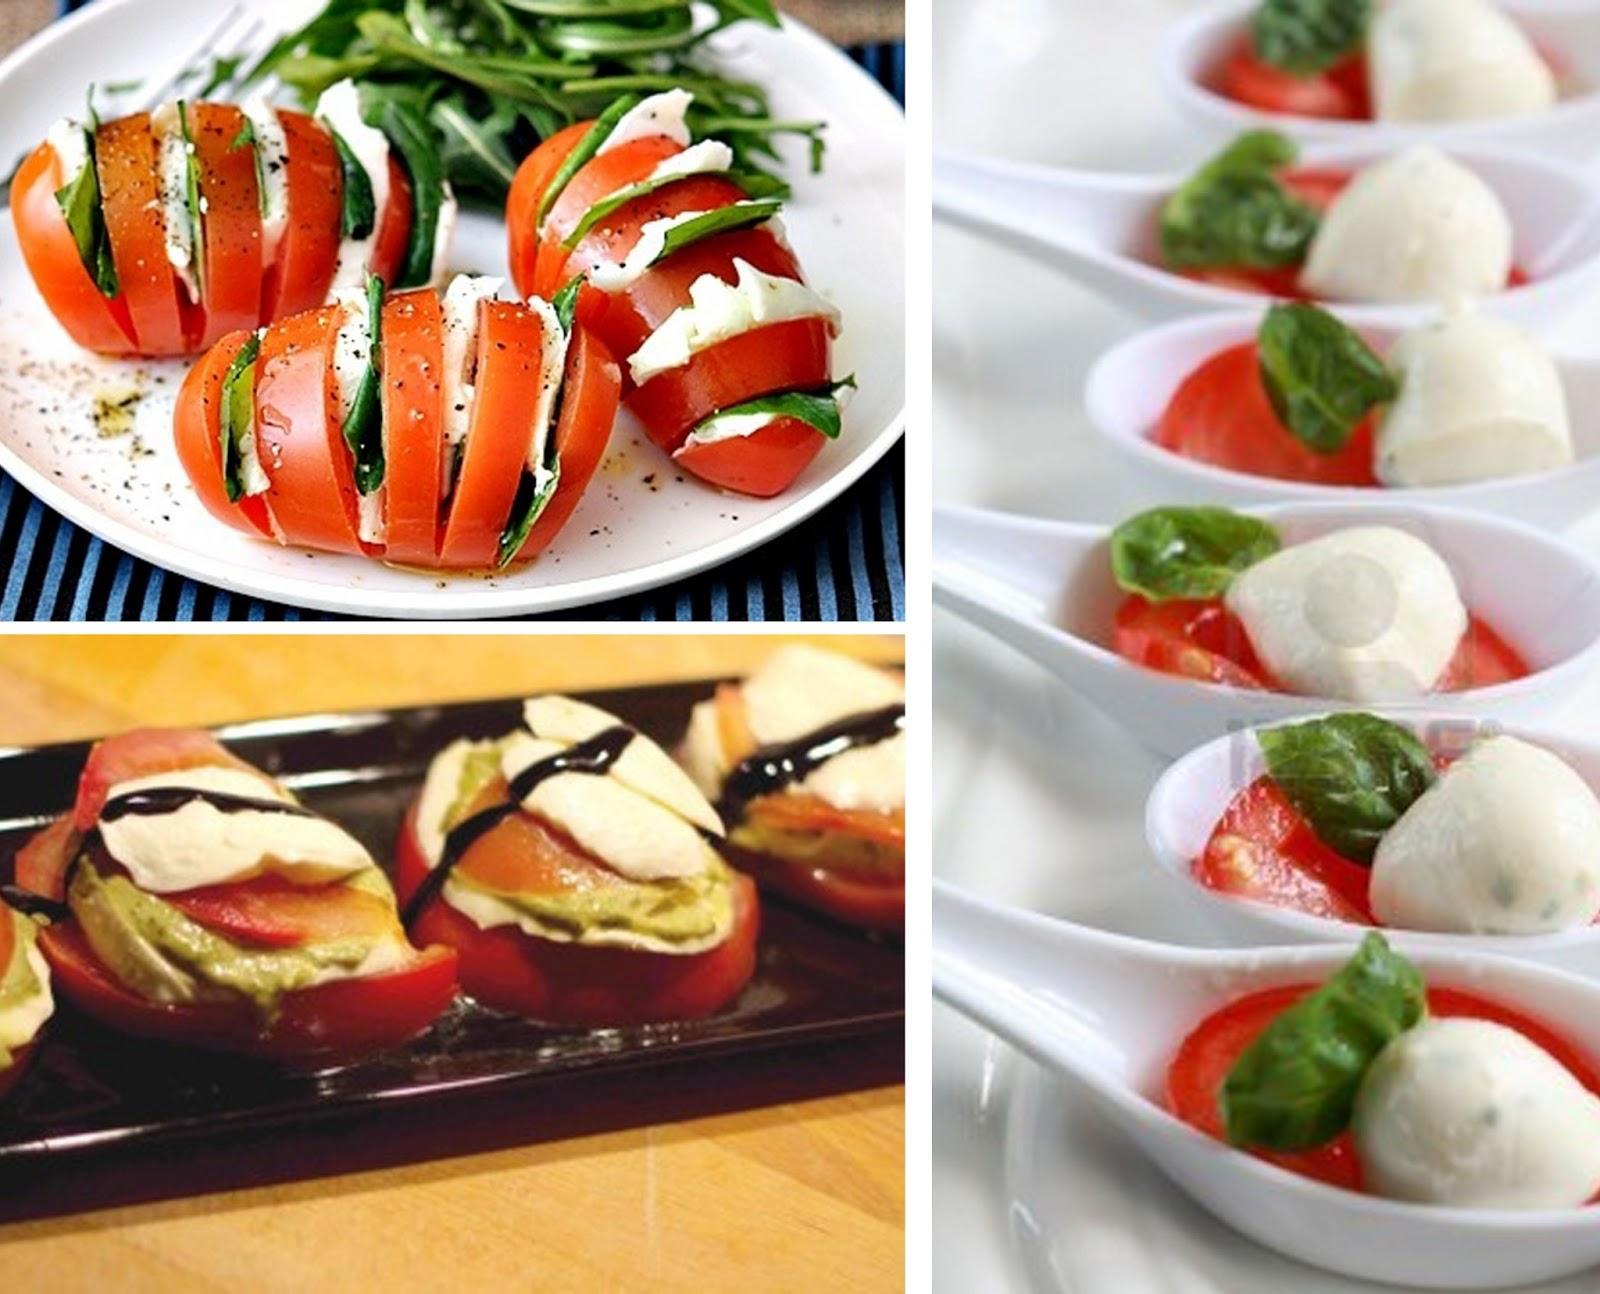 Homepersonalshopper blog decoraci n e ideas f ciles para - Decoracion de ensaladas ...